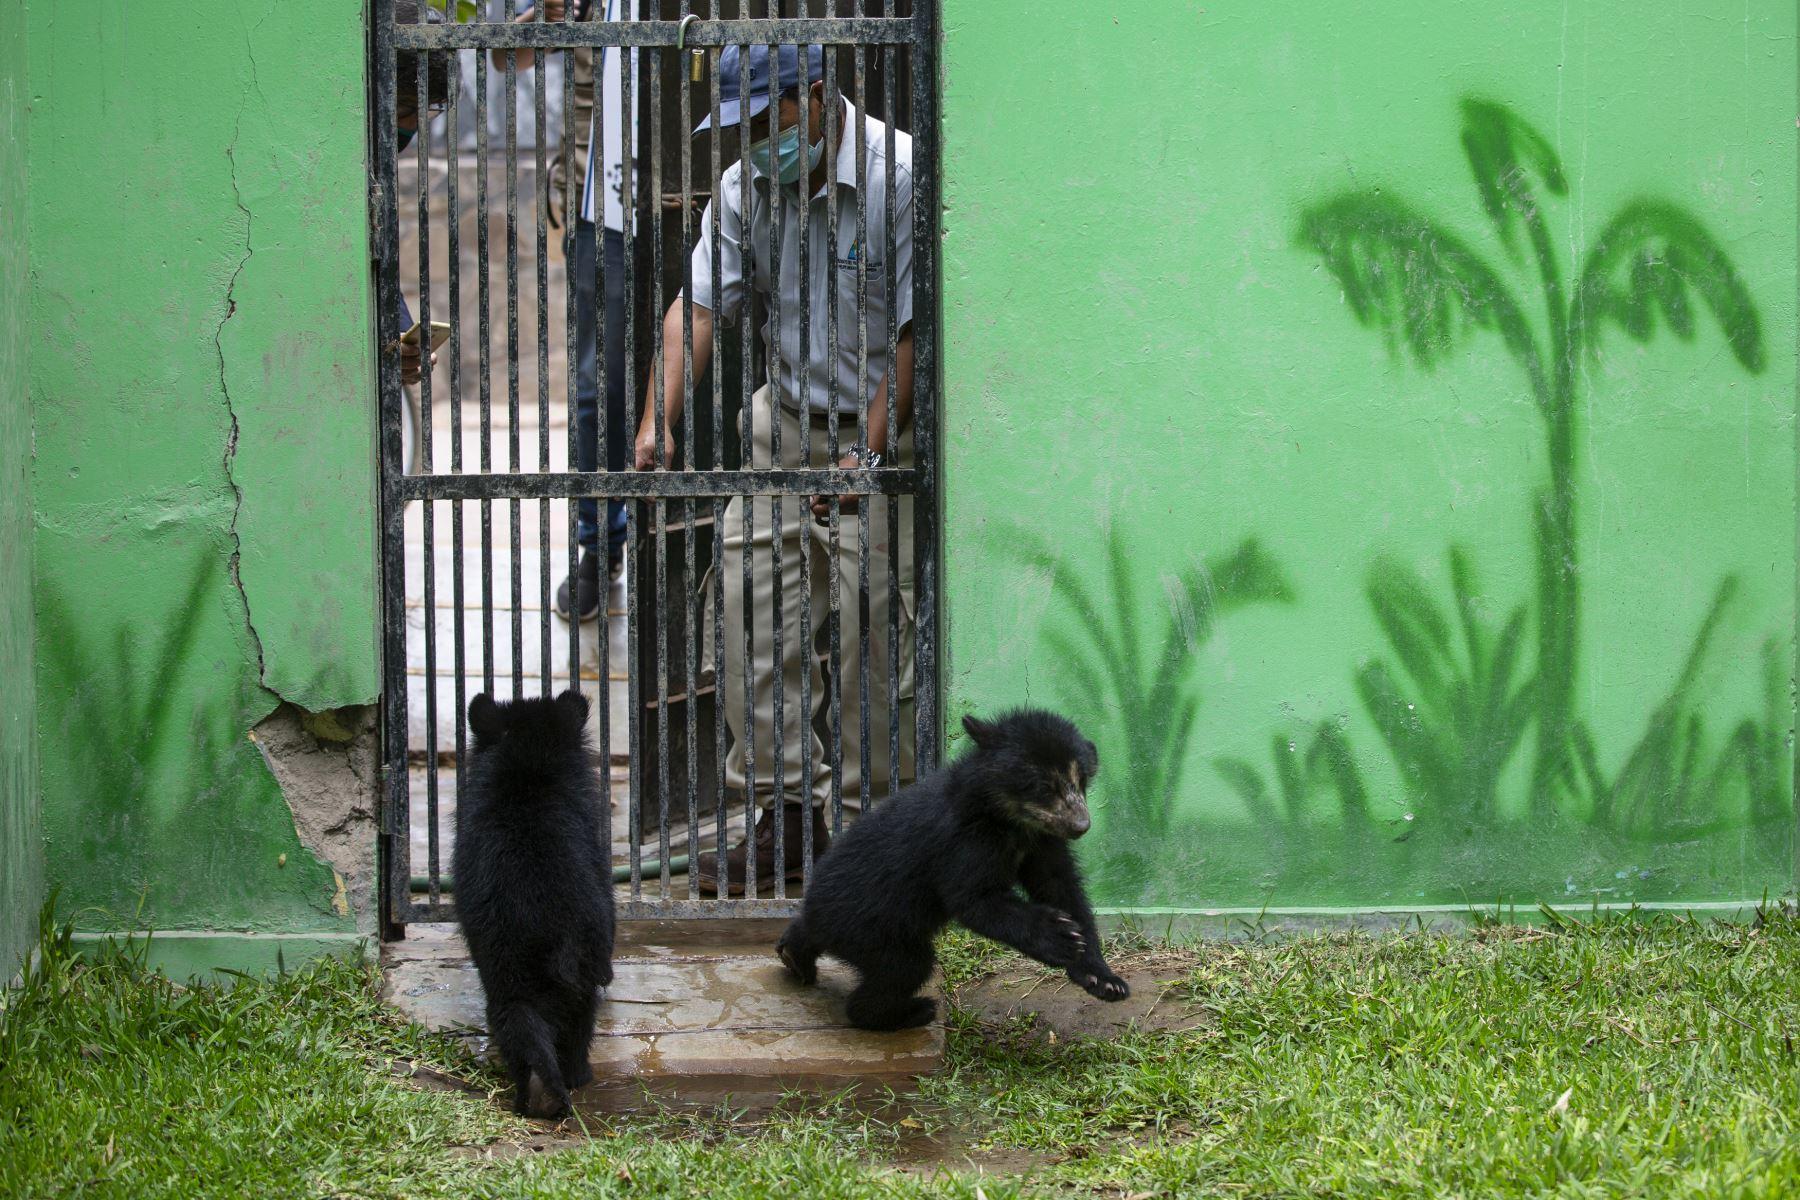 Los osos de anteojos rescatados en Puno, Maini y Ukuku, disfrutan de un espacio más amplio en la zona Selva del Parque de las Leyendas de Lima, donde trepan y juegan sin parar. Foto: Municipalidad de Lima